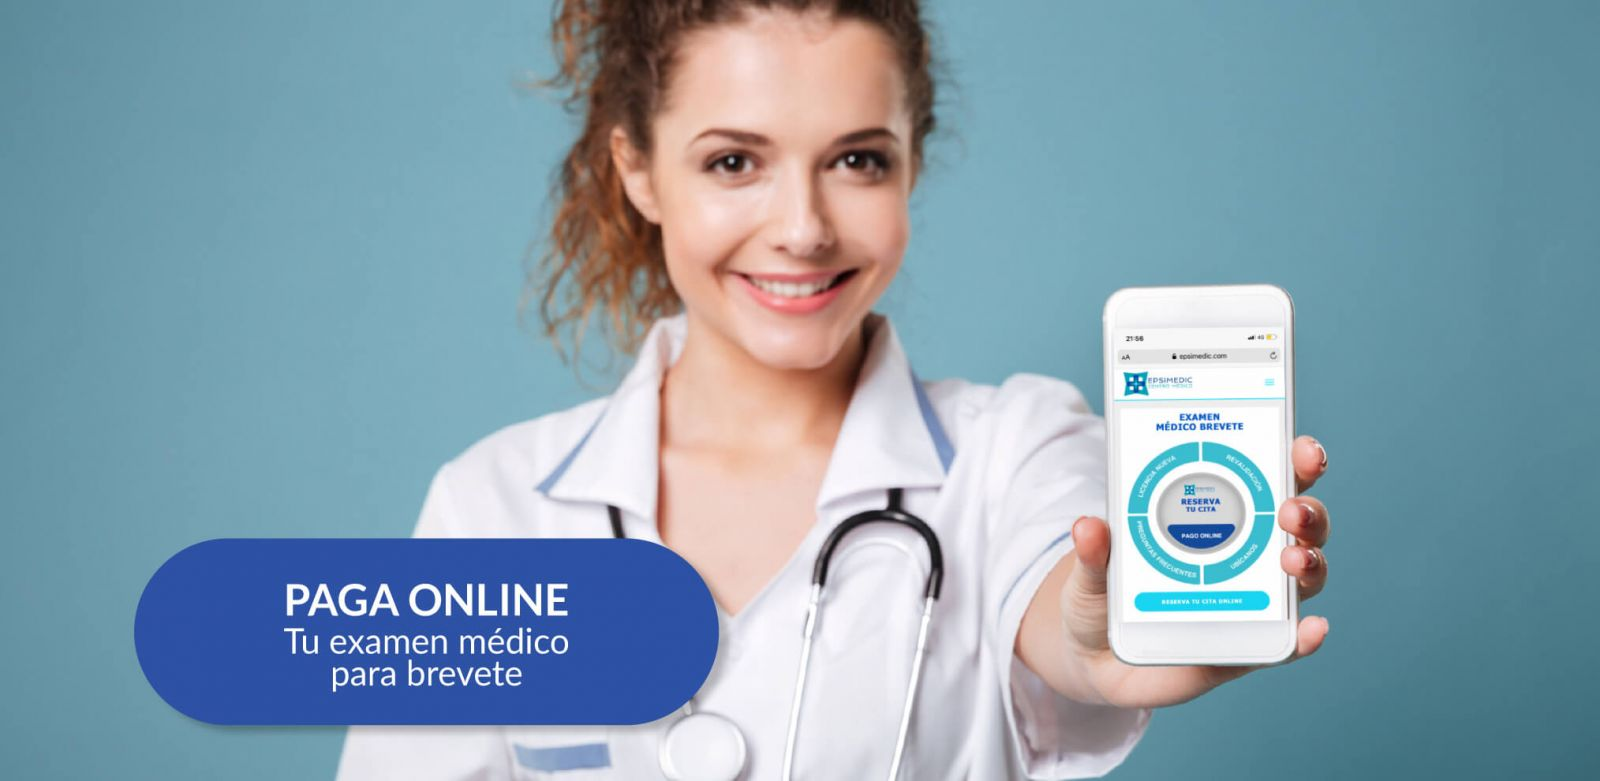 Pagar online examen medico para brevete